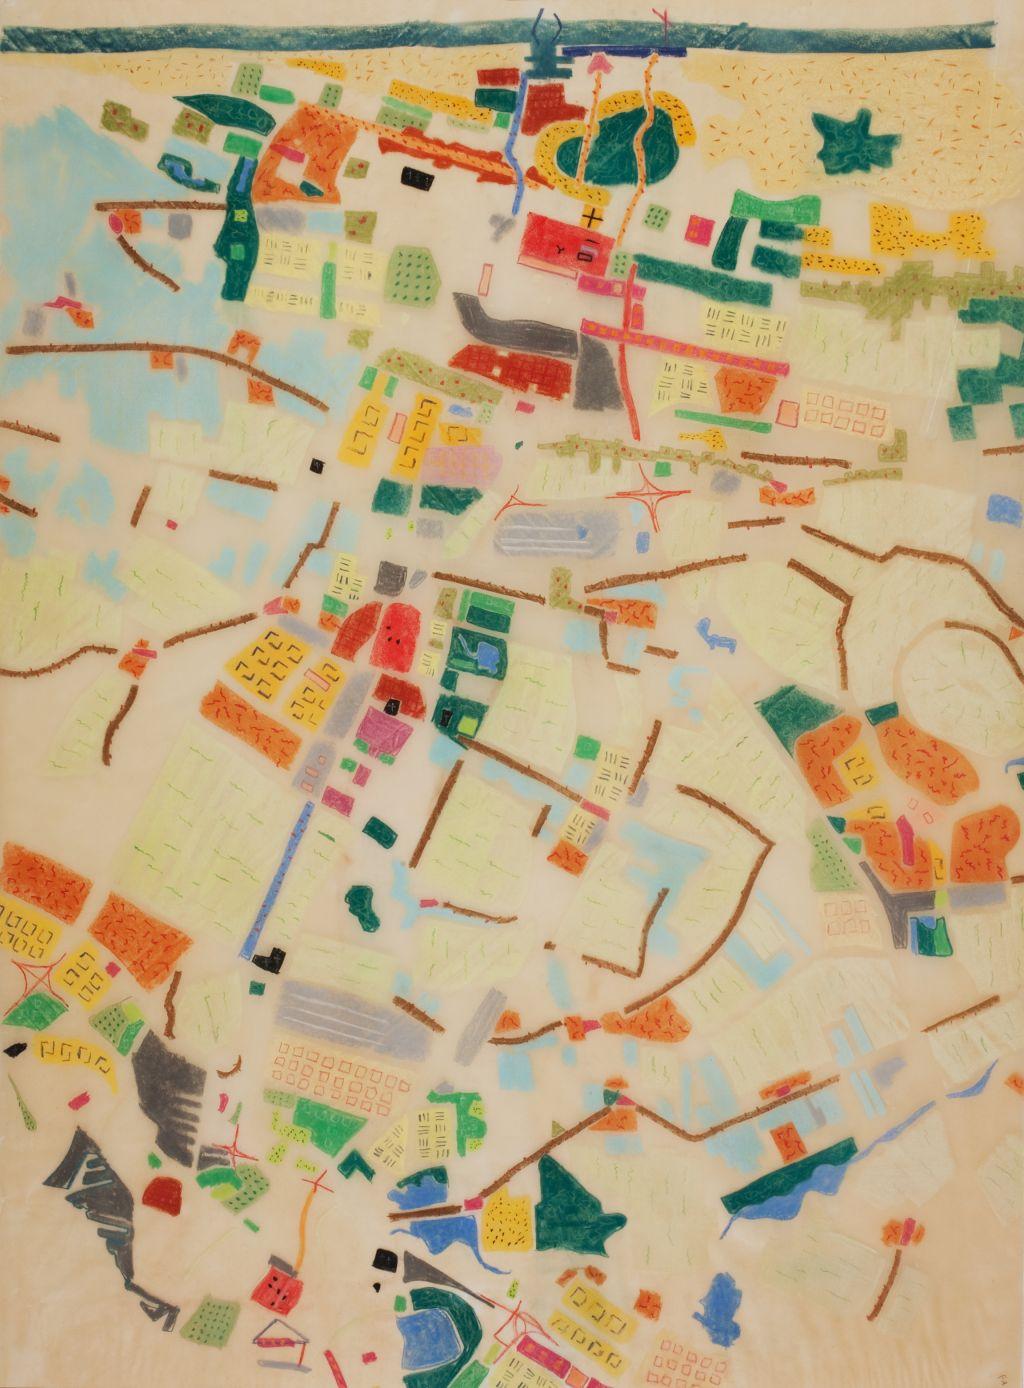 Willem Jan Neutelings. Tapijtmetropool in de regio Den Haag en Rotterdam, 1990. Collectie Het Nieuwe Instituut, NEUR t4